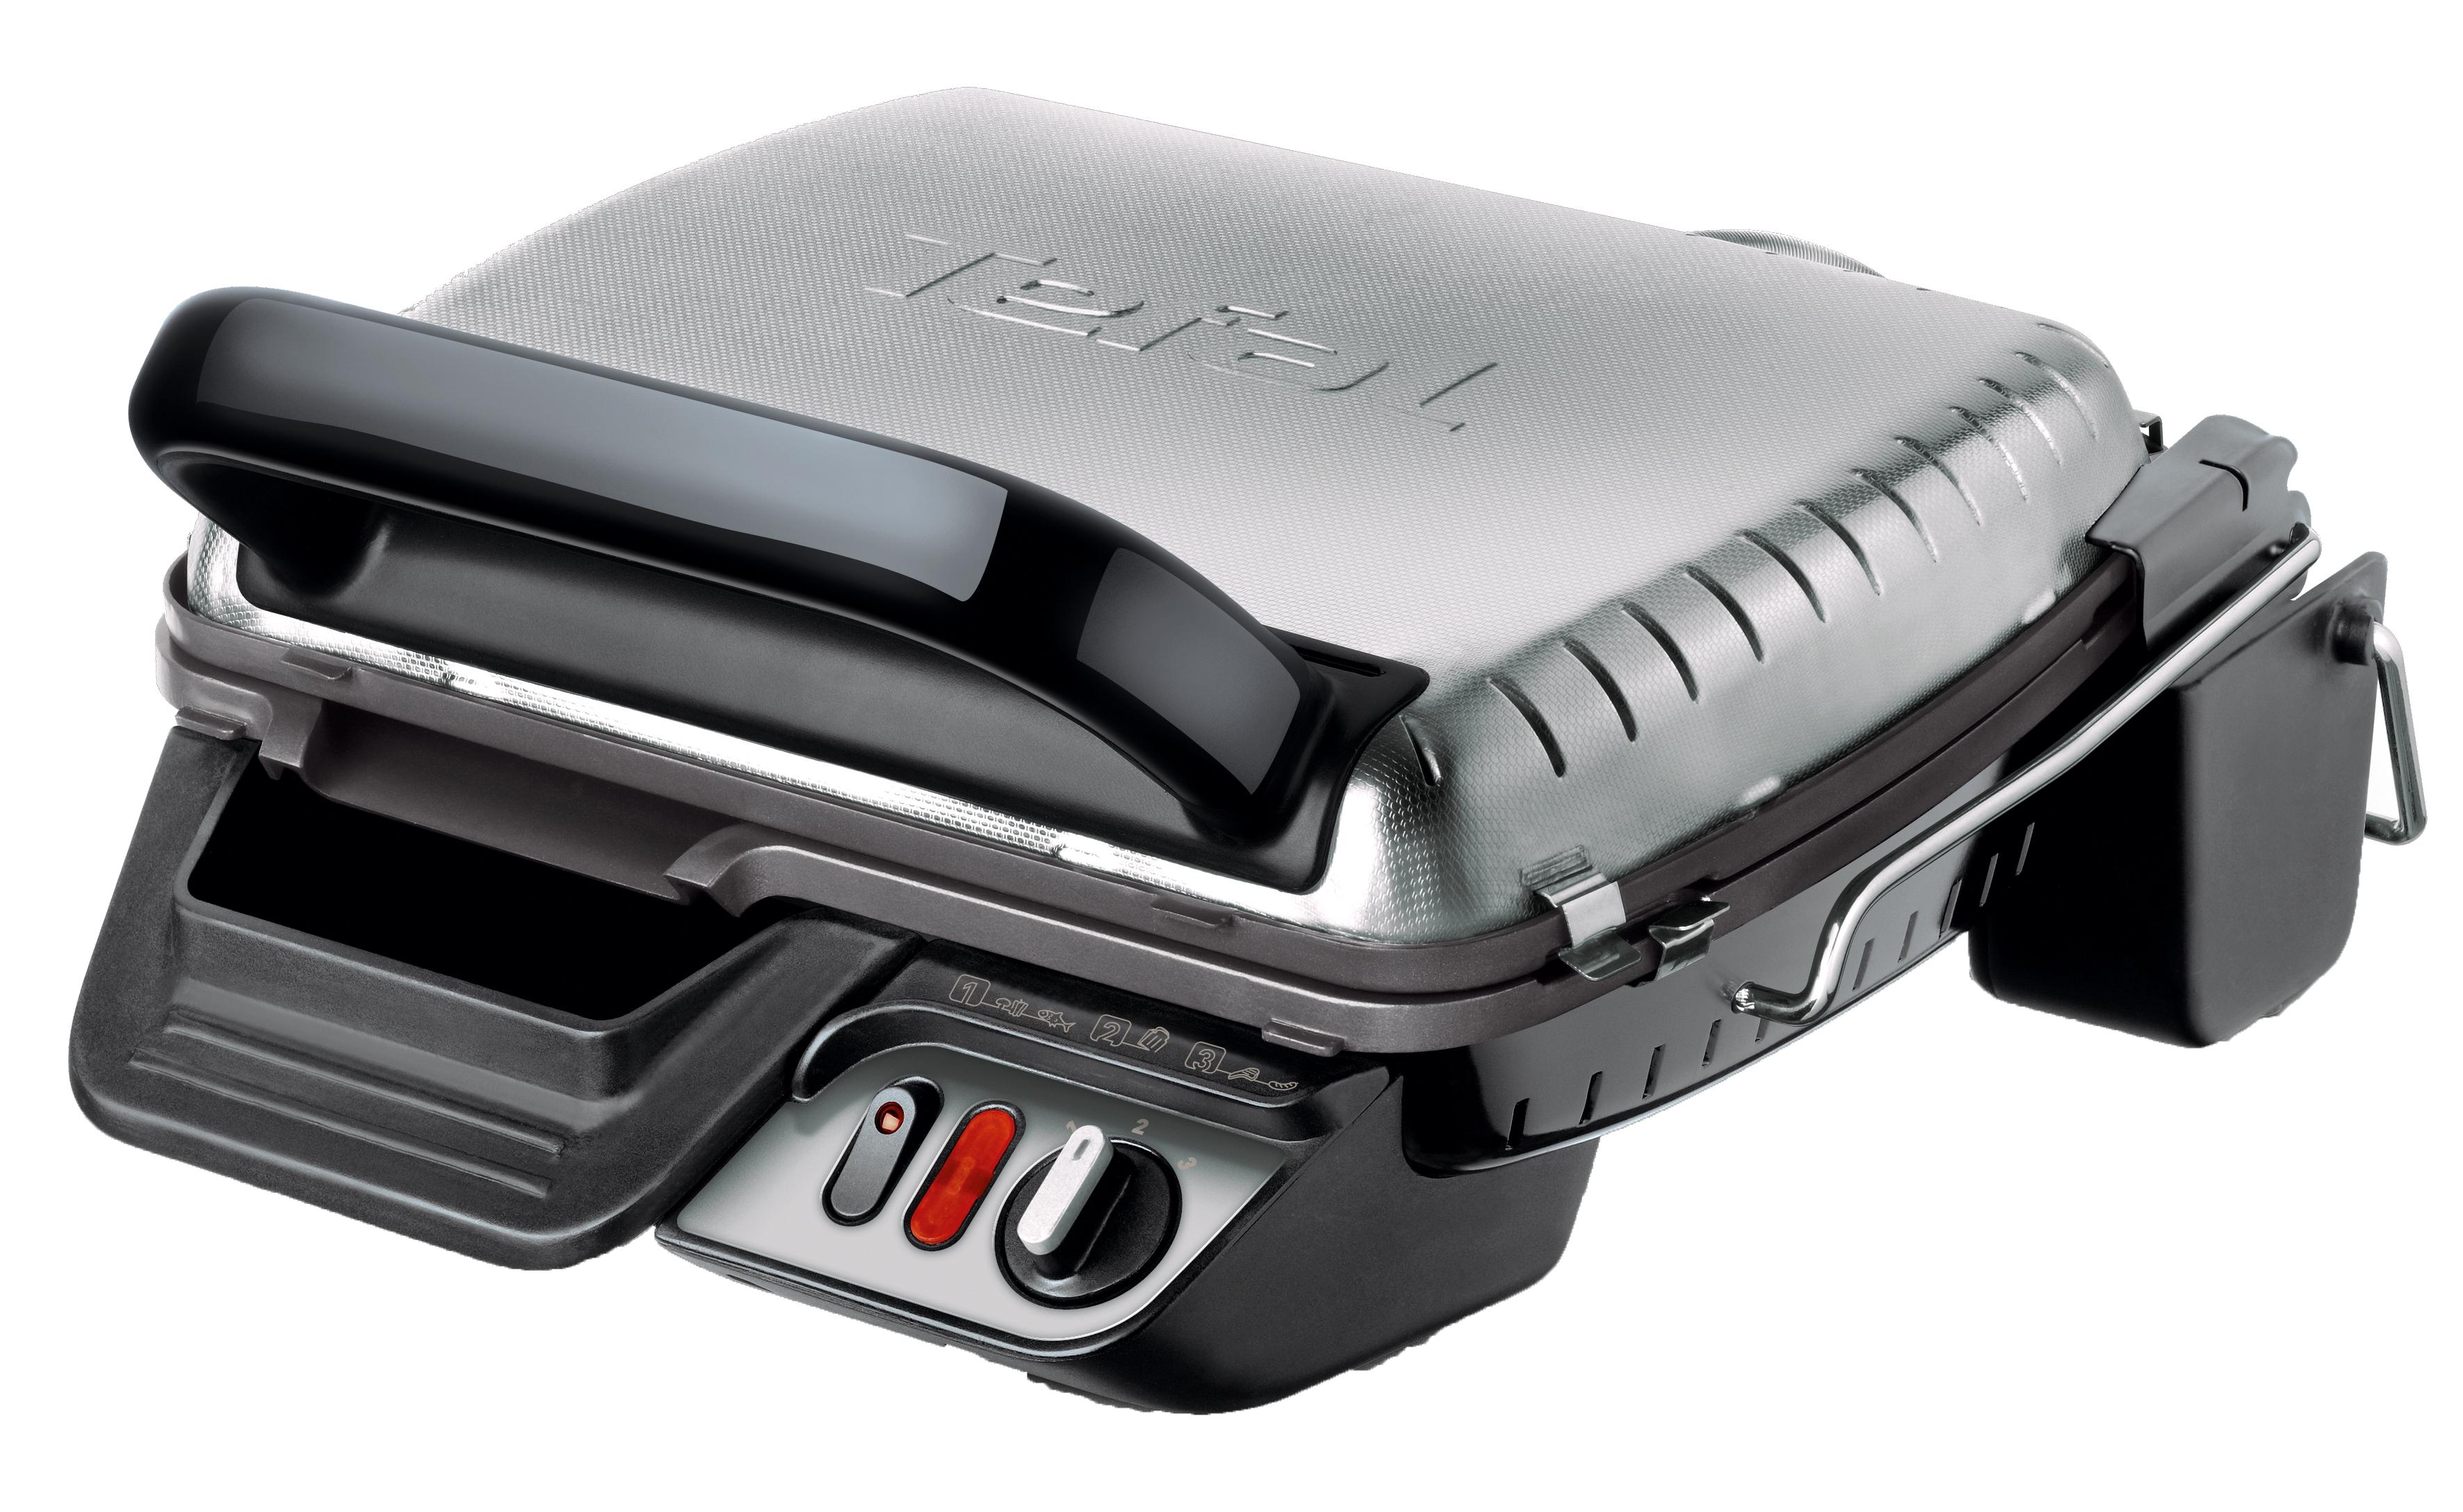 Tefal GC306012 Health Grill Comfort электрогрильGC306012Контактный гриль Health Grill Comfort имеет 3 температурных режима нагрева для приготовления разнообразных продуктов и достижения различных степеней прожарки Cверхбыстрое приготовление: благодаря равномерному двустороннему нагреву продукты готовятся в 2 раза быстрее. Мясо, рыба, овощи, морепродукты, горячие бутерброды будут готовы за считанные минуты. Экономит Ваше время 3 положения: гриль, барбекю и «печь» - подходит для разогрева пиццы, пирогов. Гриль оснащен съемными пластинами с антипригарным покрытием: позволяет готовить без масла - полезная еда. Сок и жир стекают в специальный поддон для сбора жидкости. Пластины и поддон легко мыть в посудомоечной машине. Прибор можно хранить компактно в вертикальном положении. Большой плюс для маленькой кухни